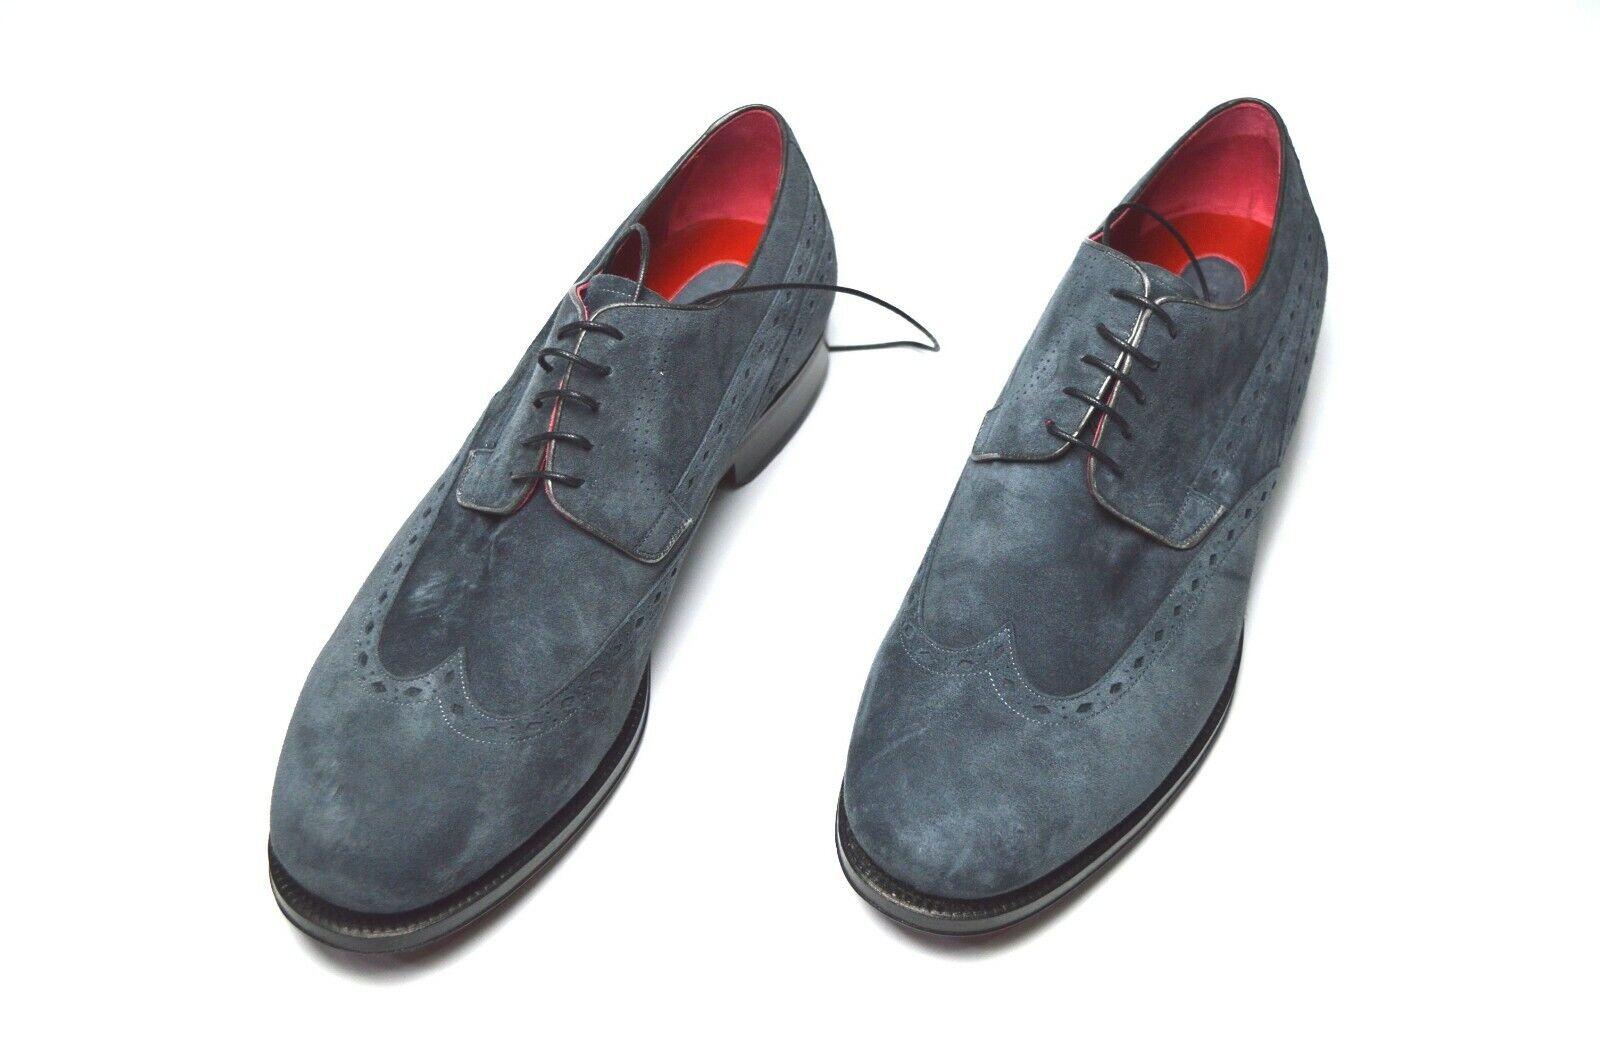 Nuevas botas zapatos talla STEFANO RICCI nos 9 (COD S470)